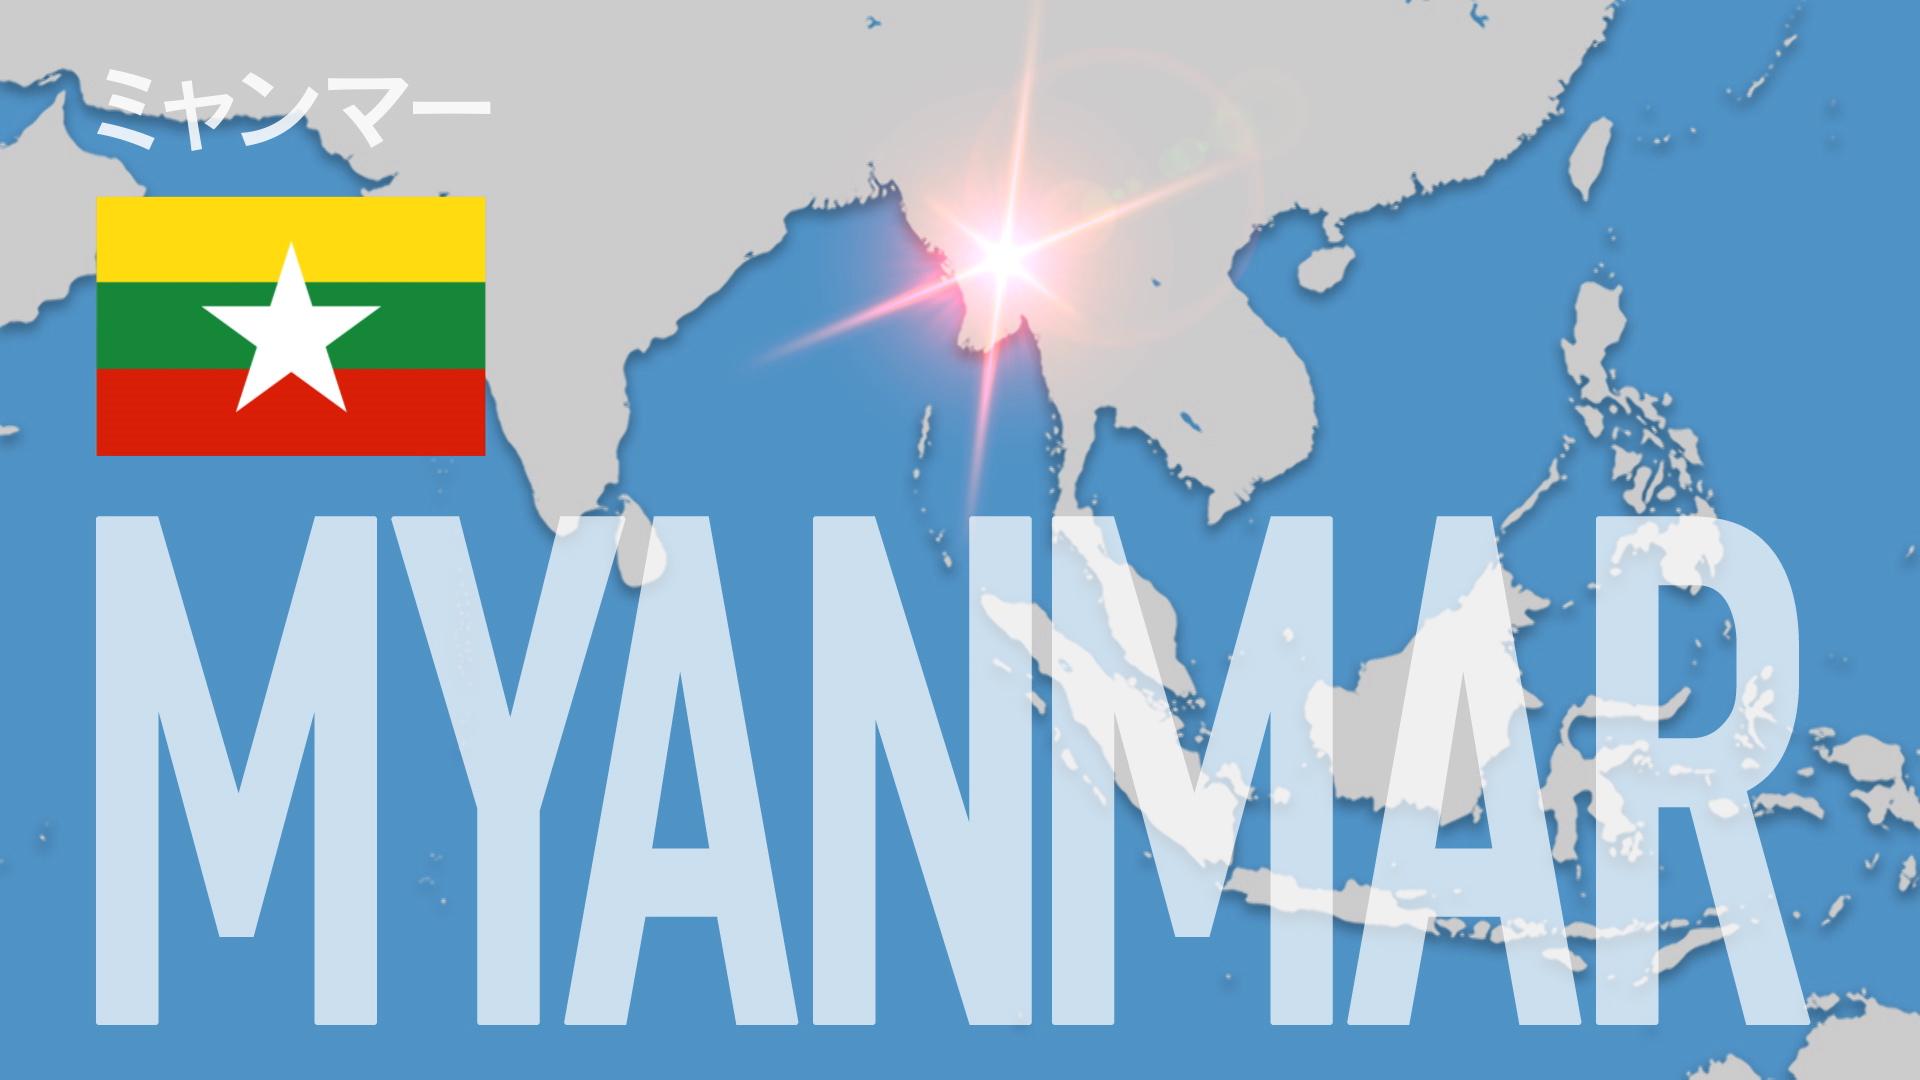 『『『『『ミャンマー応援動画』の画像』の画像』の画像』の画像』の画像